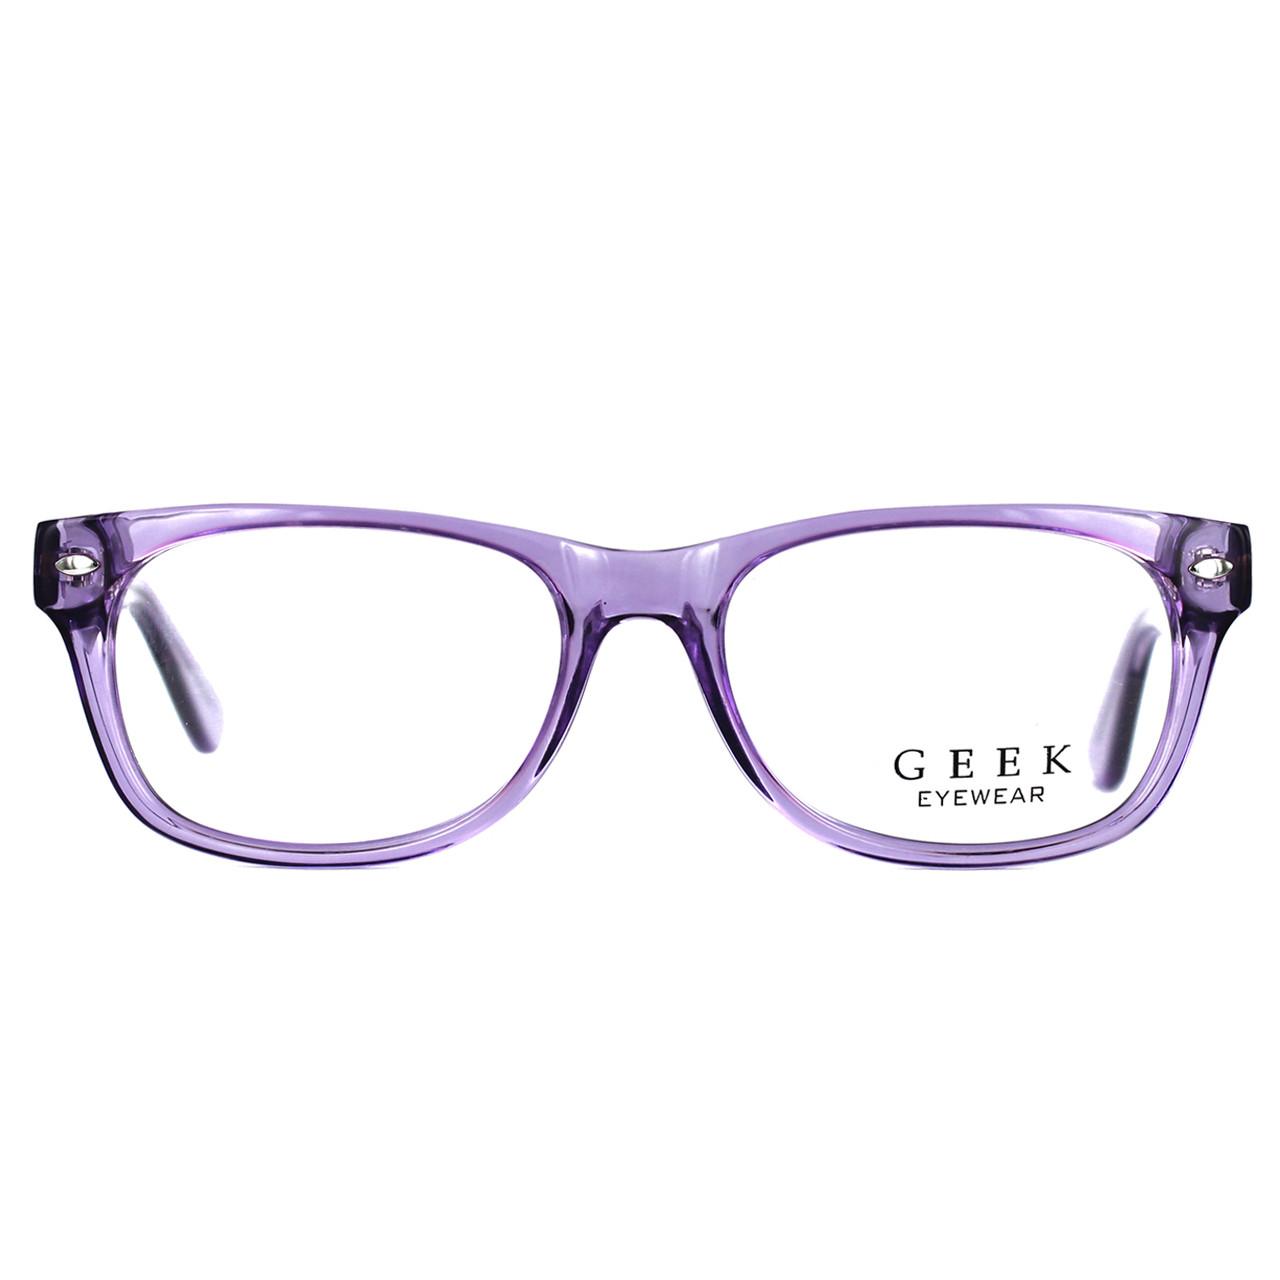 color: Lavender